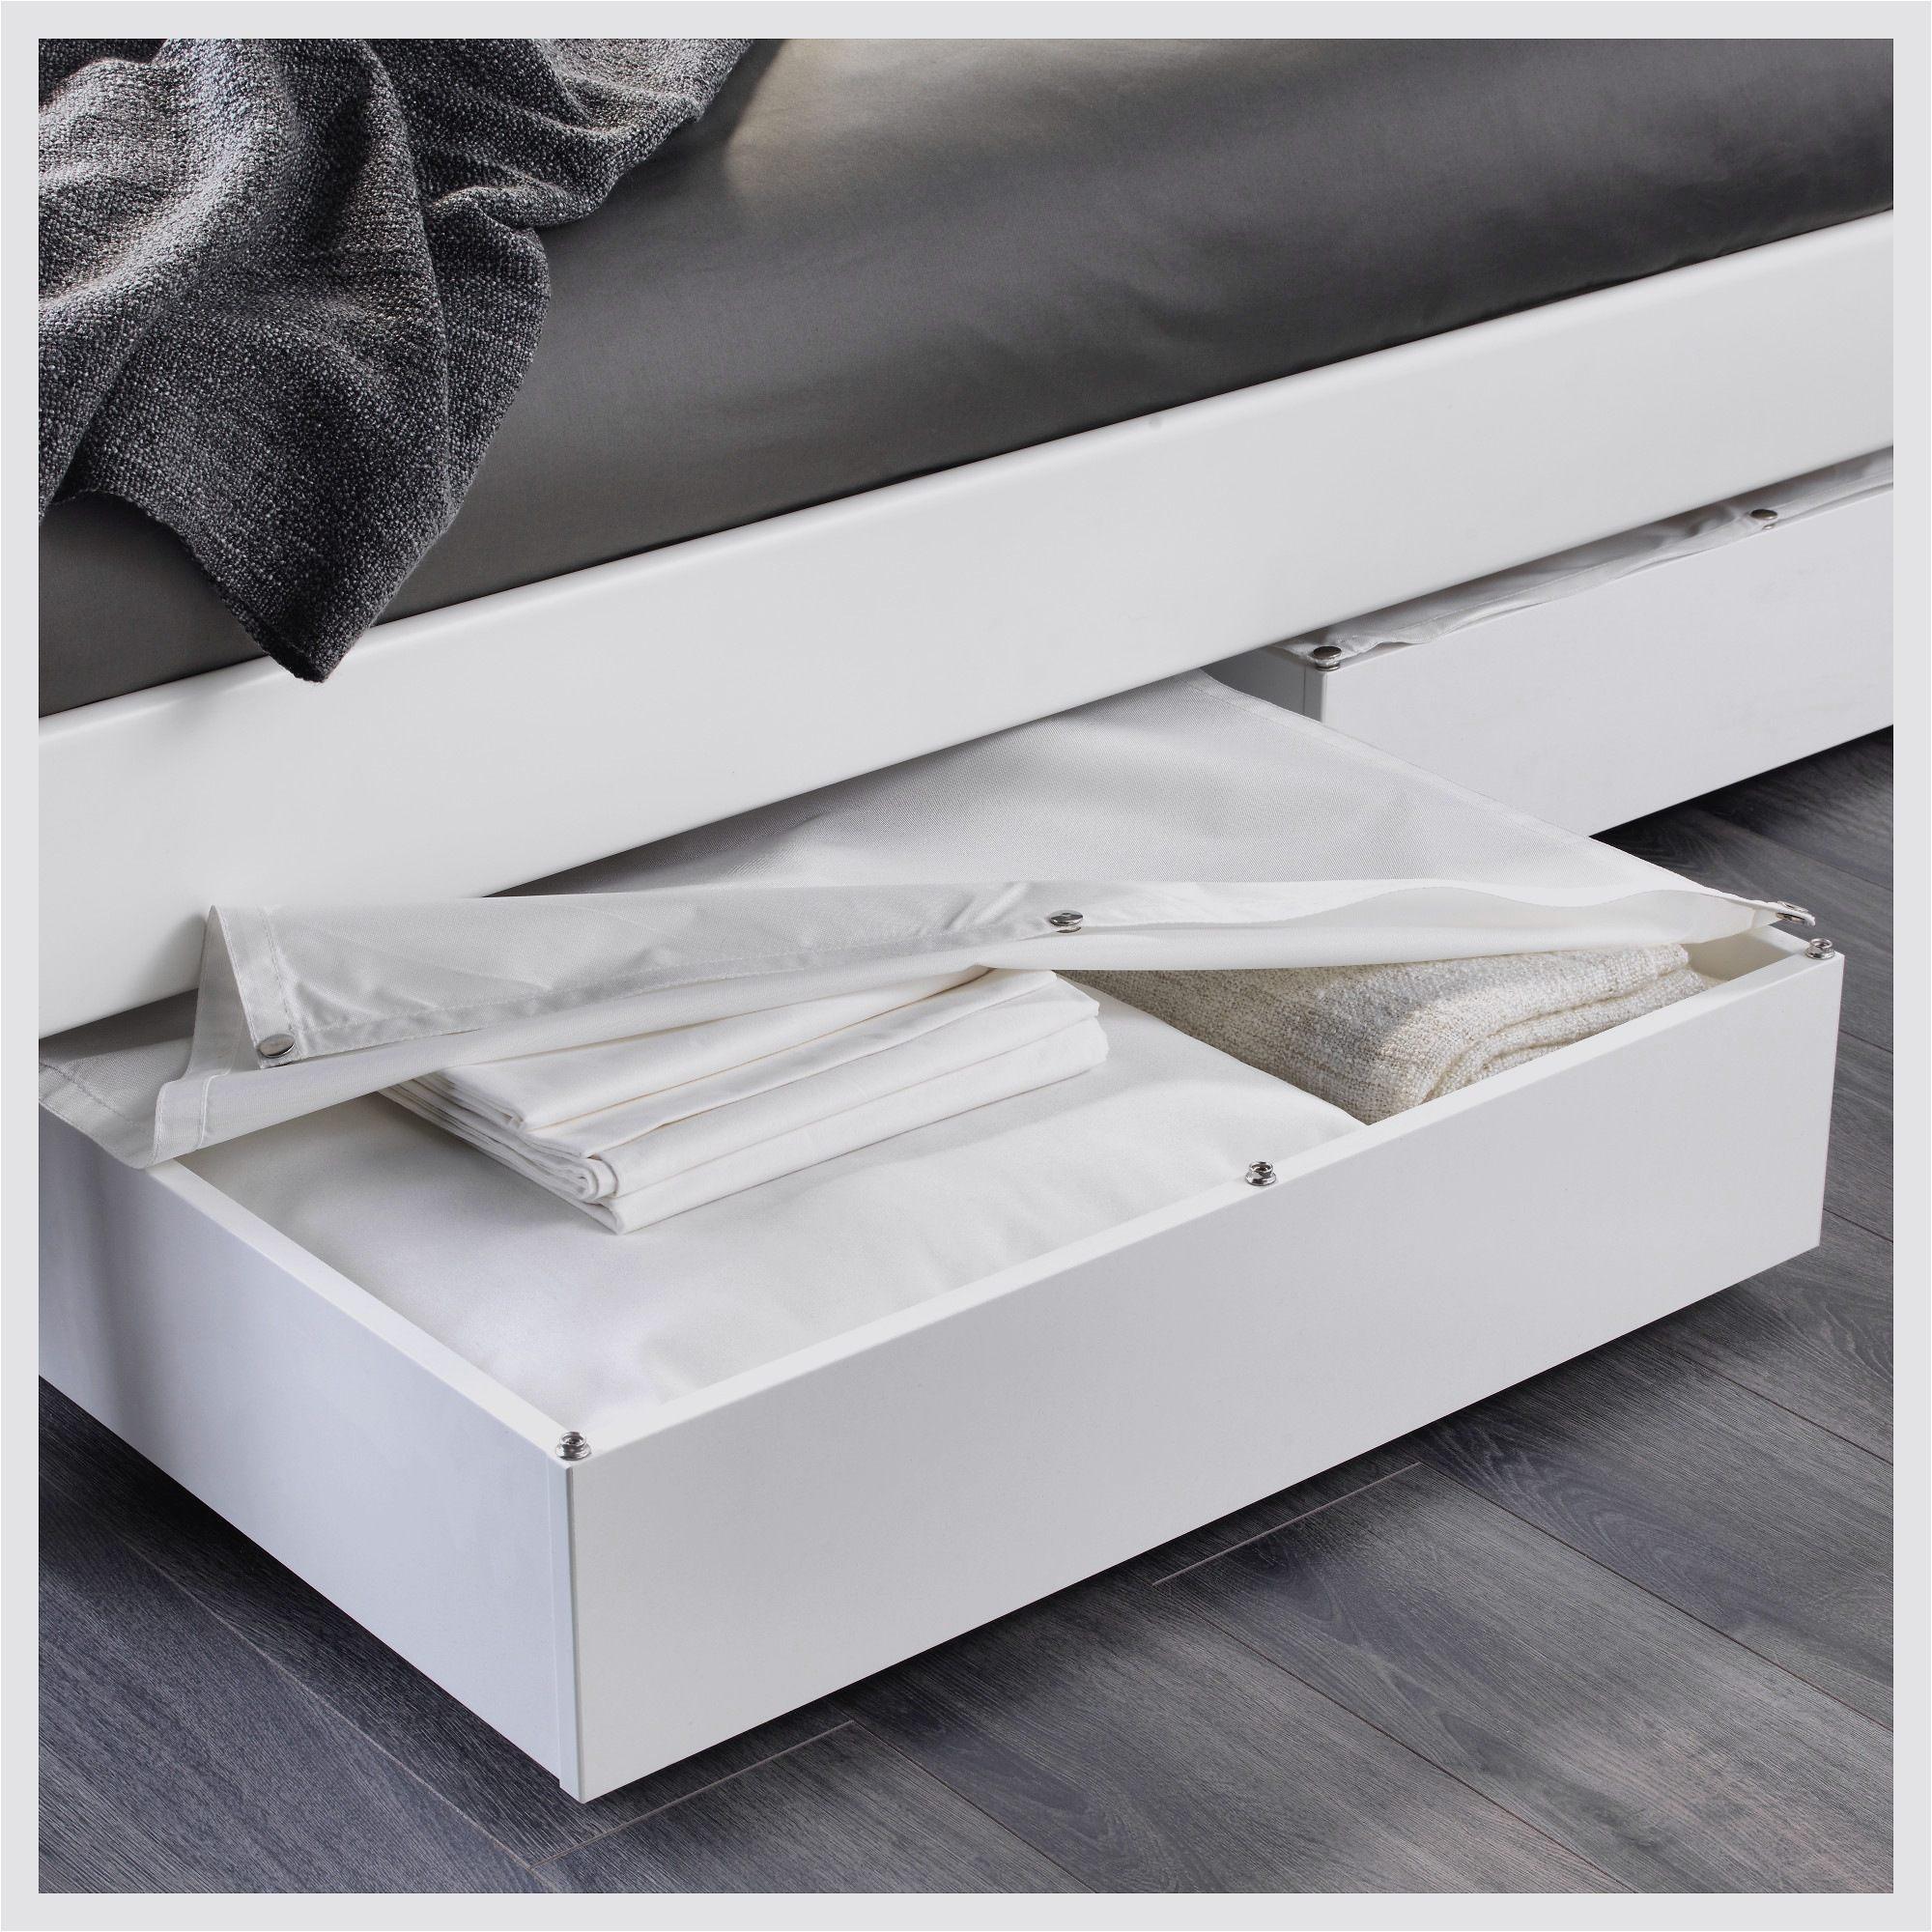 Lit Coffre Blanc Inspirant Lit Coffre Nouveau Splendidé Lit Coffre Blanc Galerie Les Idées De